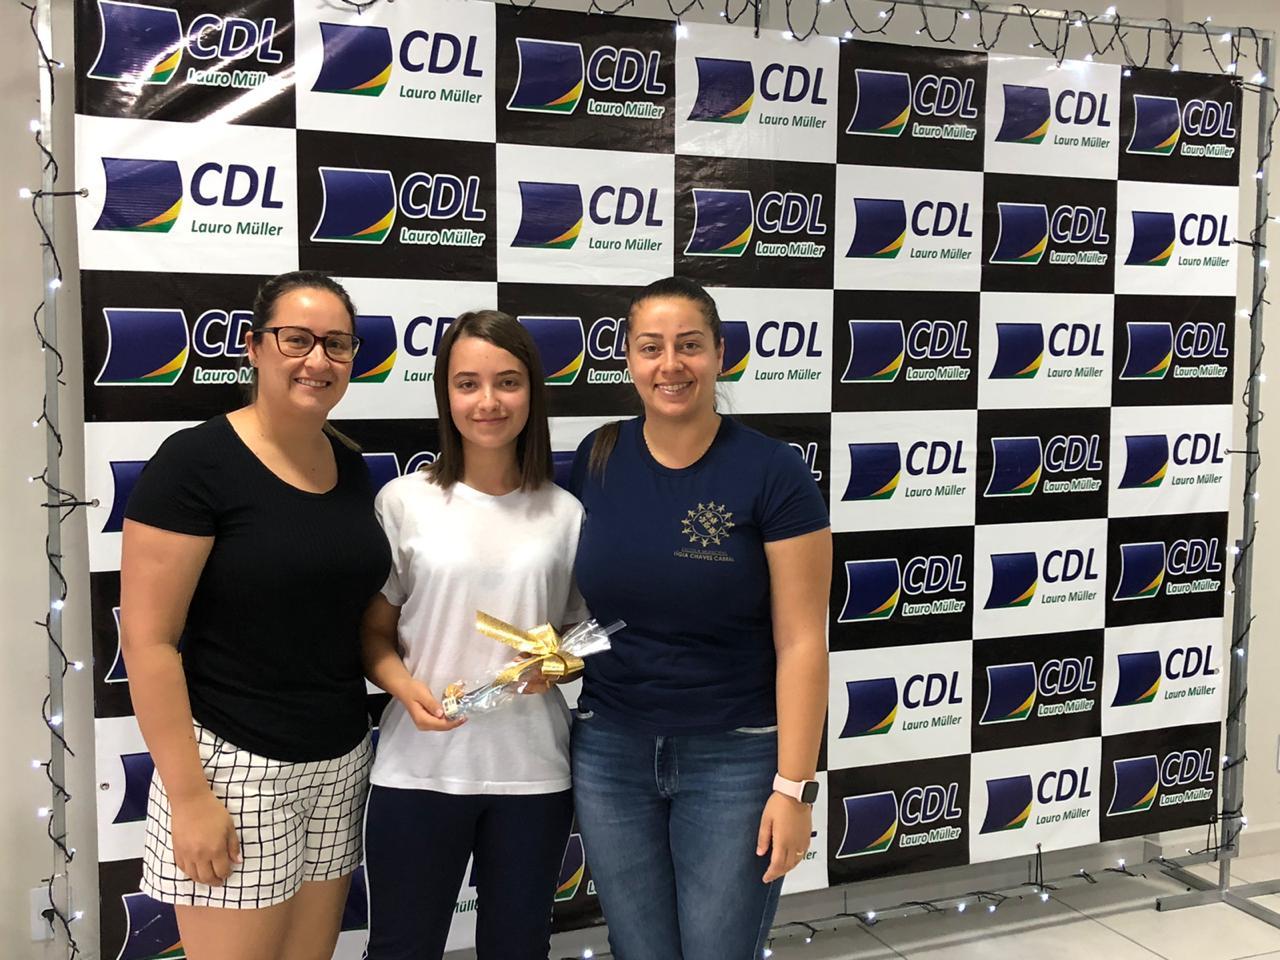 CDL premia ações de sensibilização ambiental em escolas municipais de Lauro Müller (8)